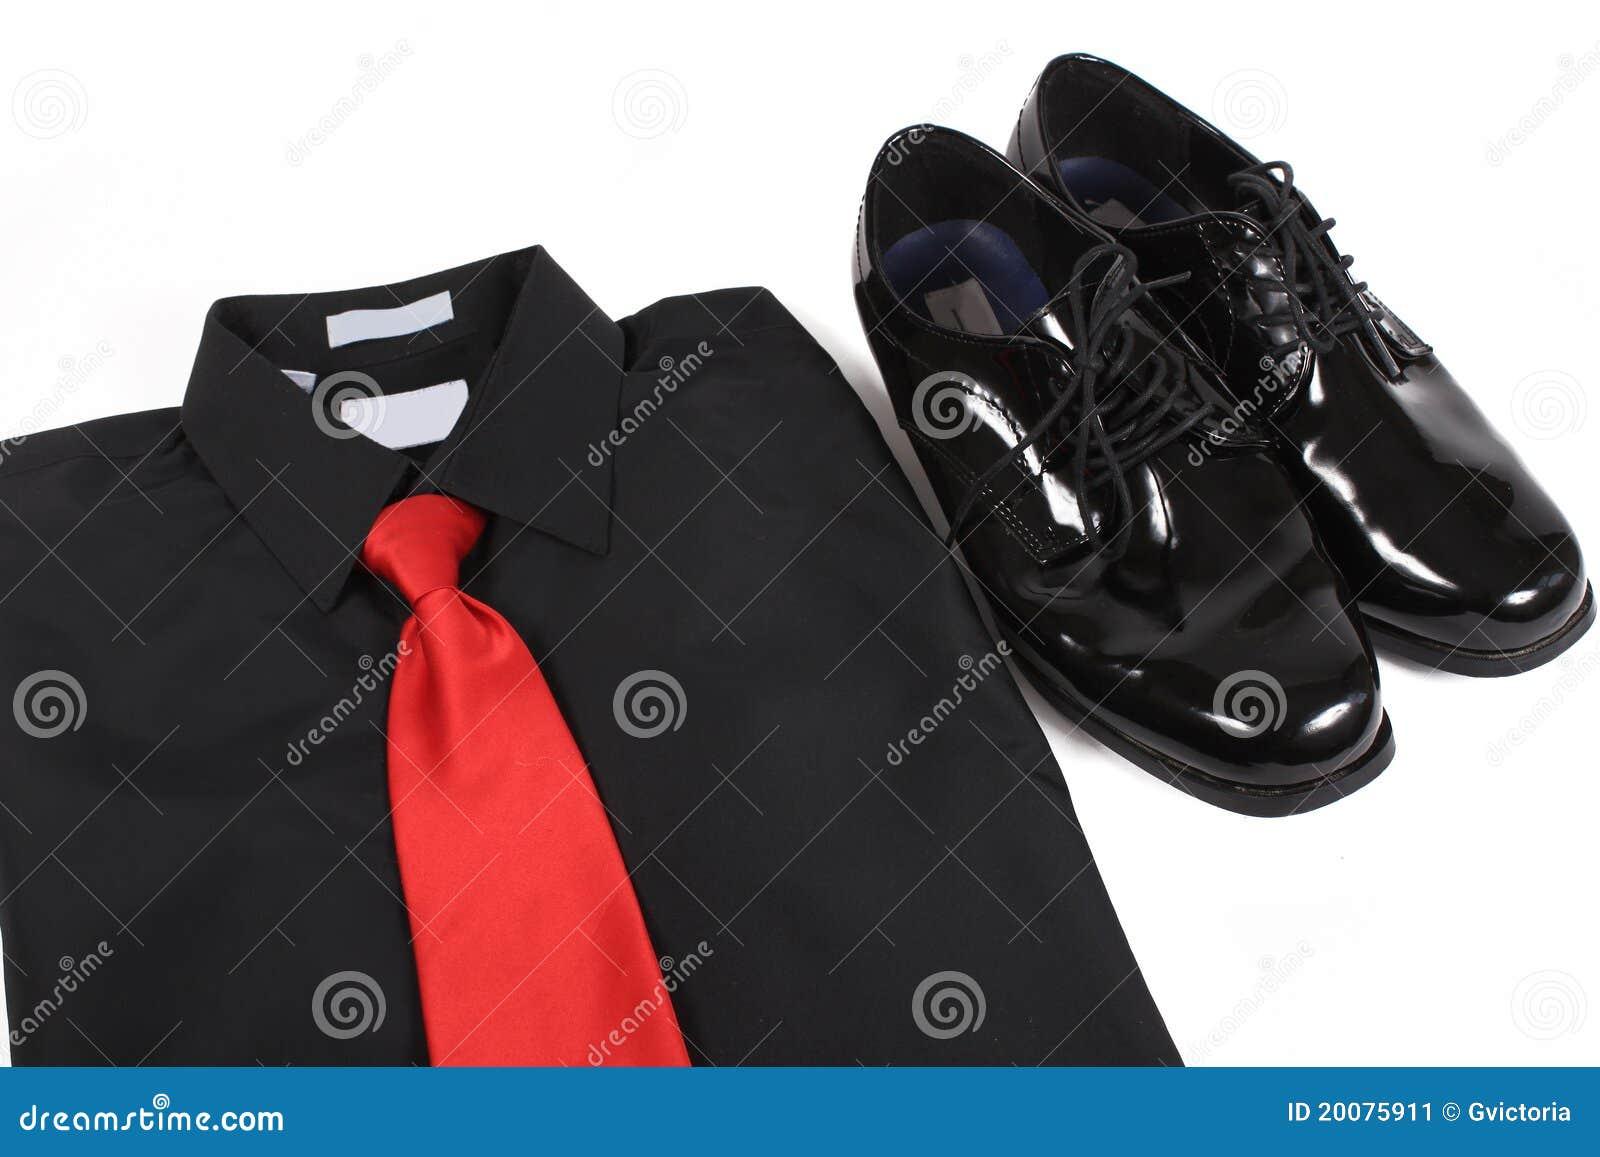 Pattini dressy, camicia e legame degli uomini lucidi